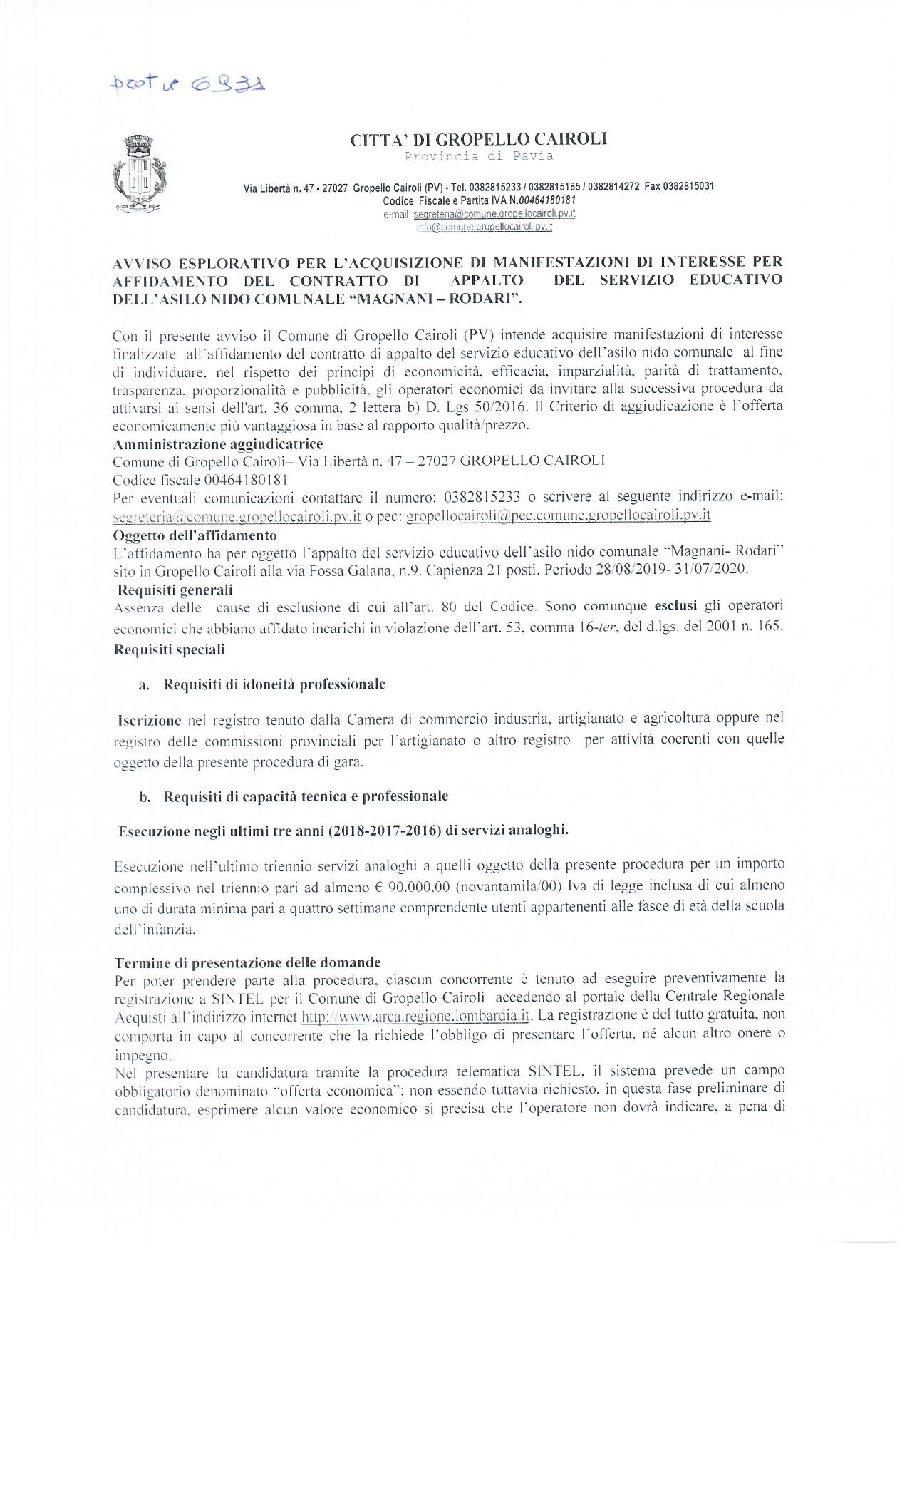 """Avviso esplorativo per l'acquisizione di manifestazioni di interesse per affidamento del contratto di appalto del servizio educativo dell'asilo nido comunale """"Magnani/Rodari""""."""